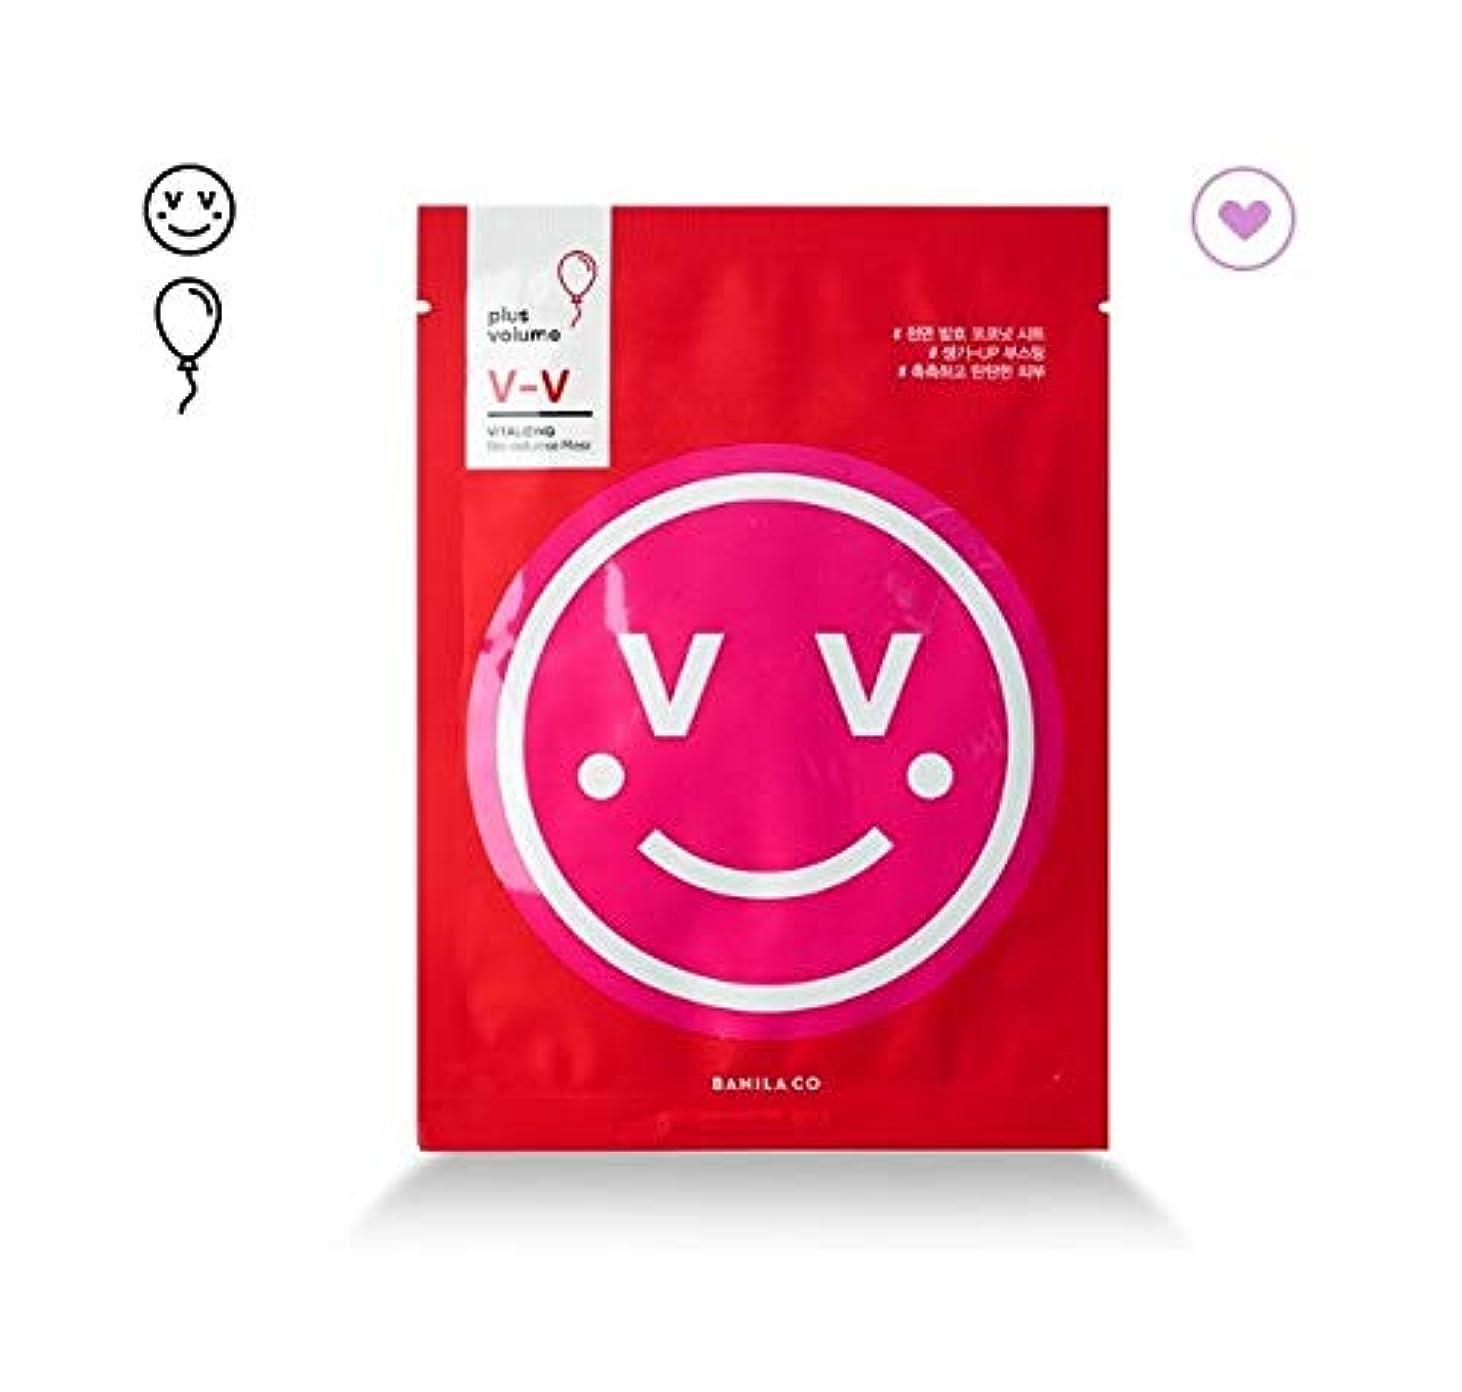 乱雑な差し引く永続banilaco V-V Vitalizing Bioセルロースマスク/V-V Vitalizing Bio Cellulose Mask 25ml [並行輸入品]